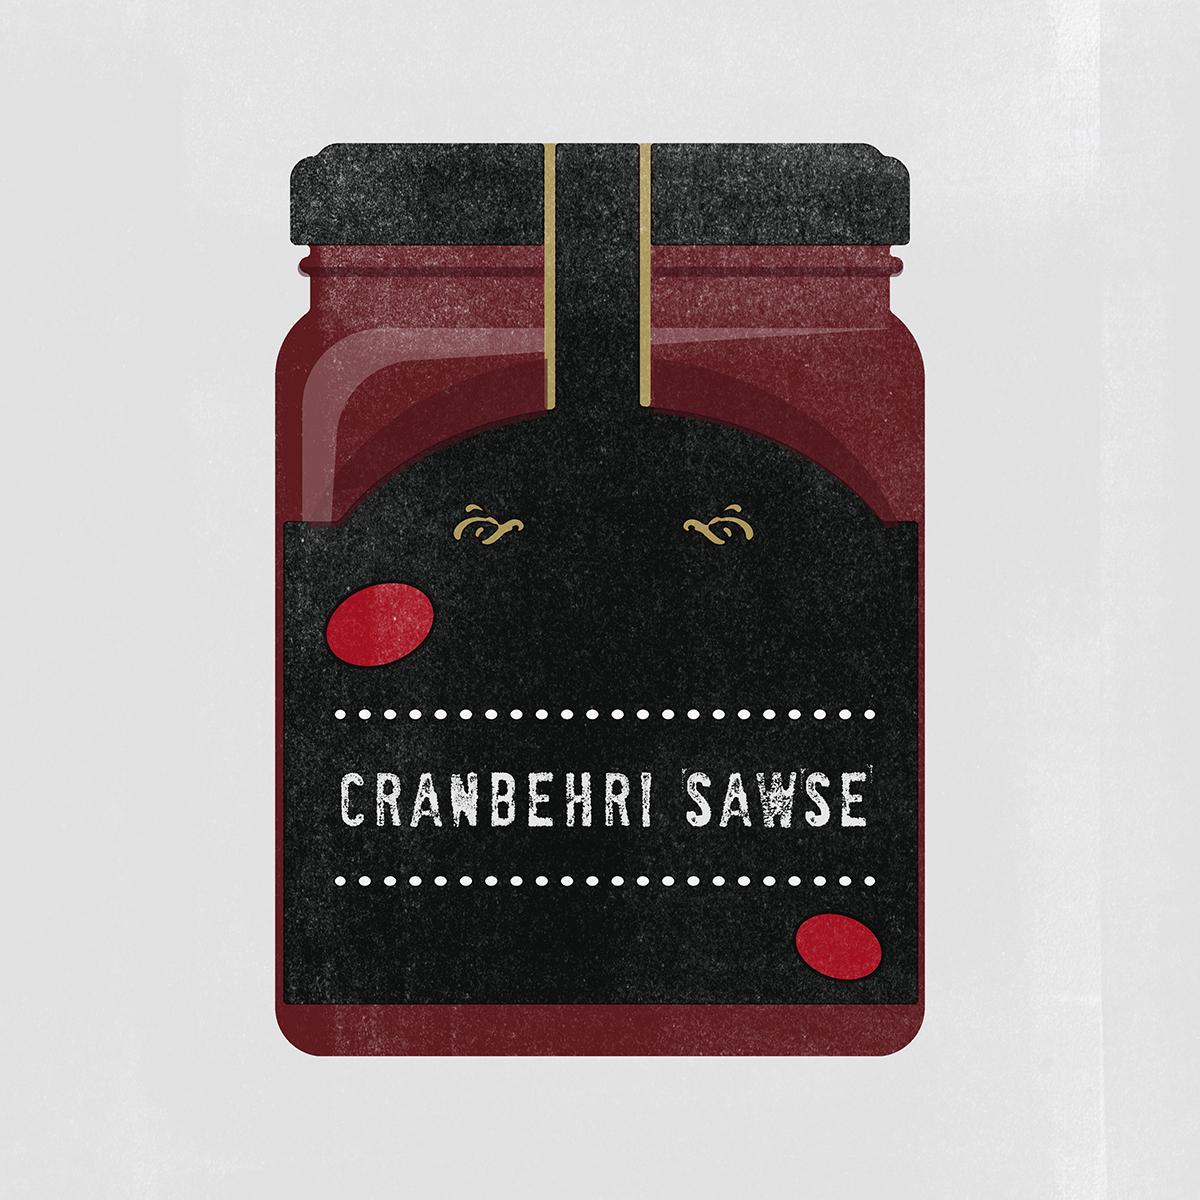 CranberrySauceIG.jpg